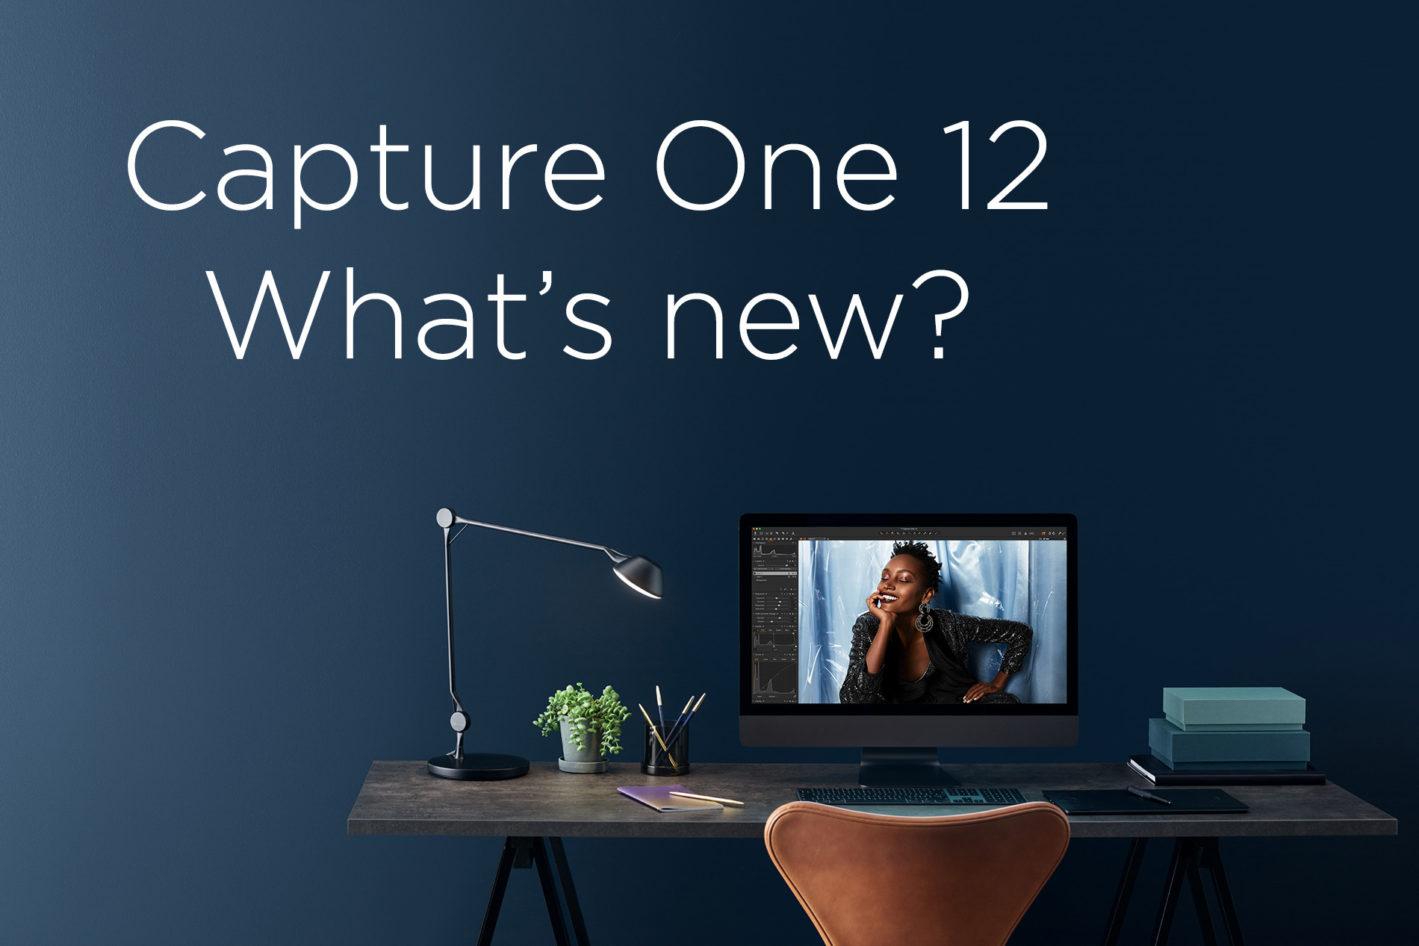 Capture One 12